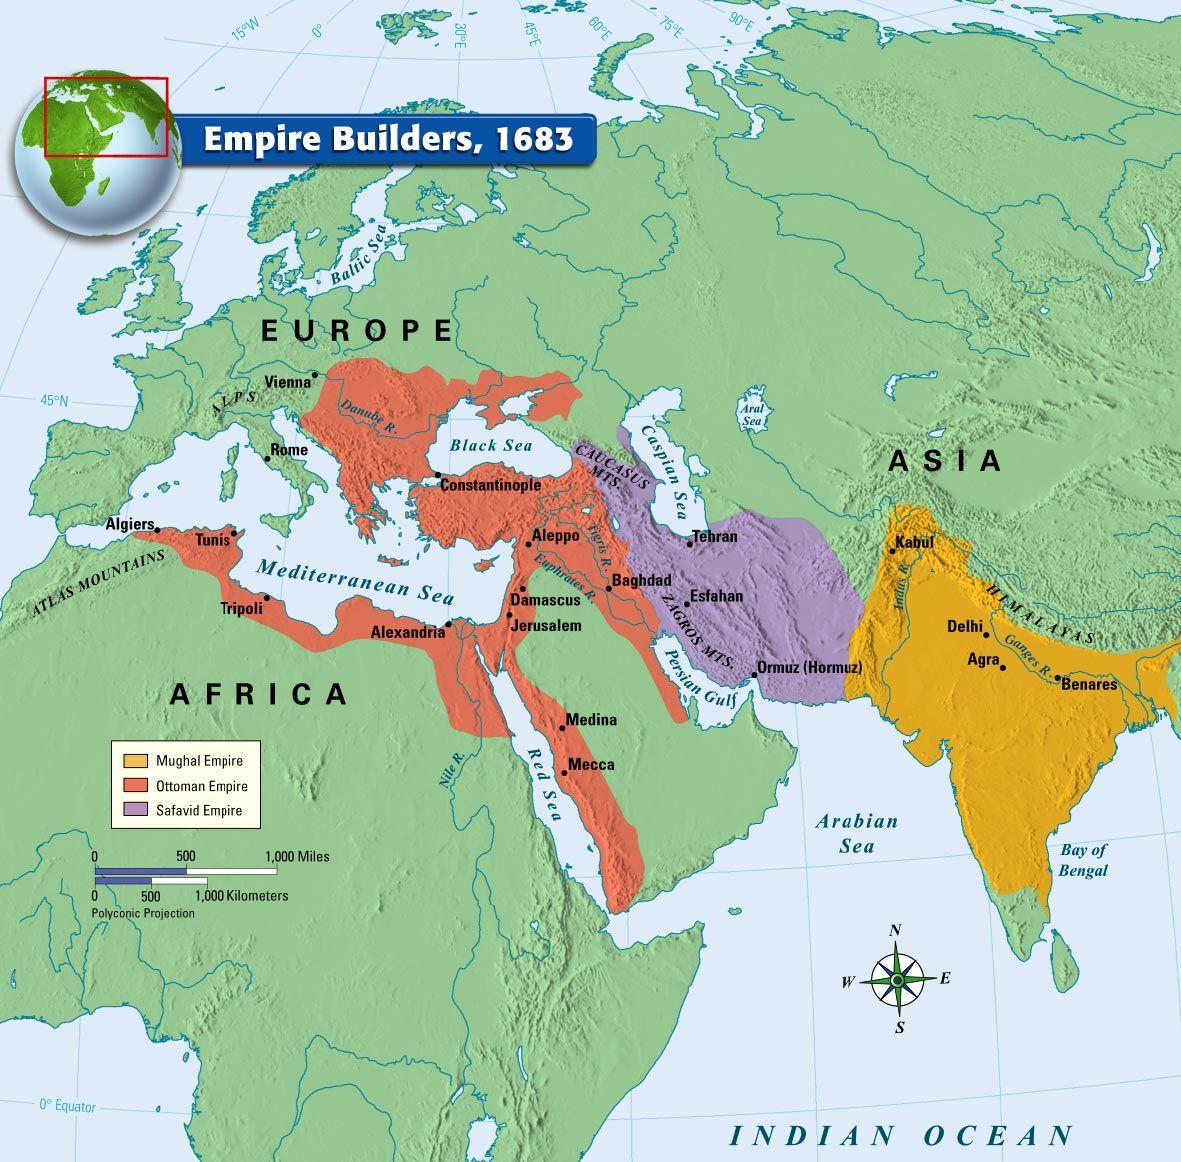 1683 yılındaki imparatorluklar